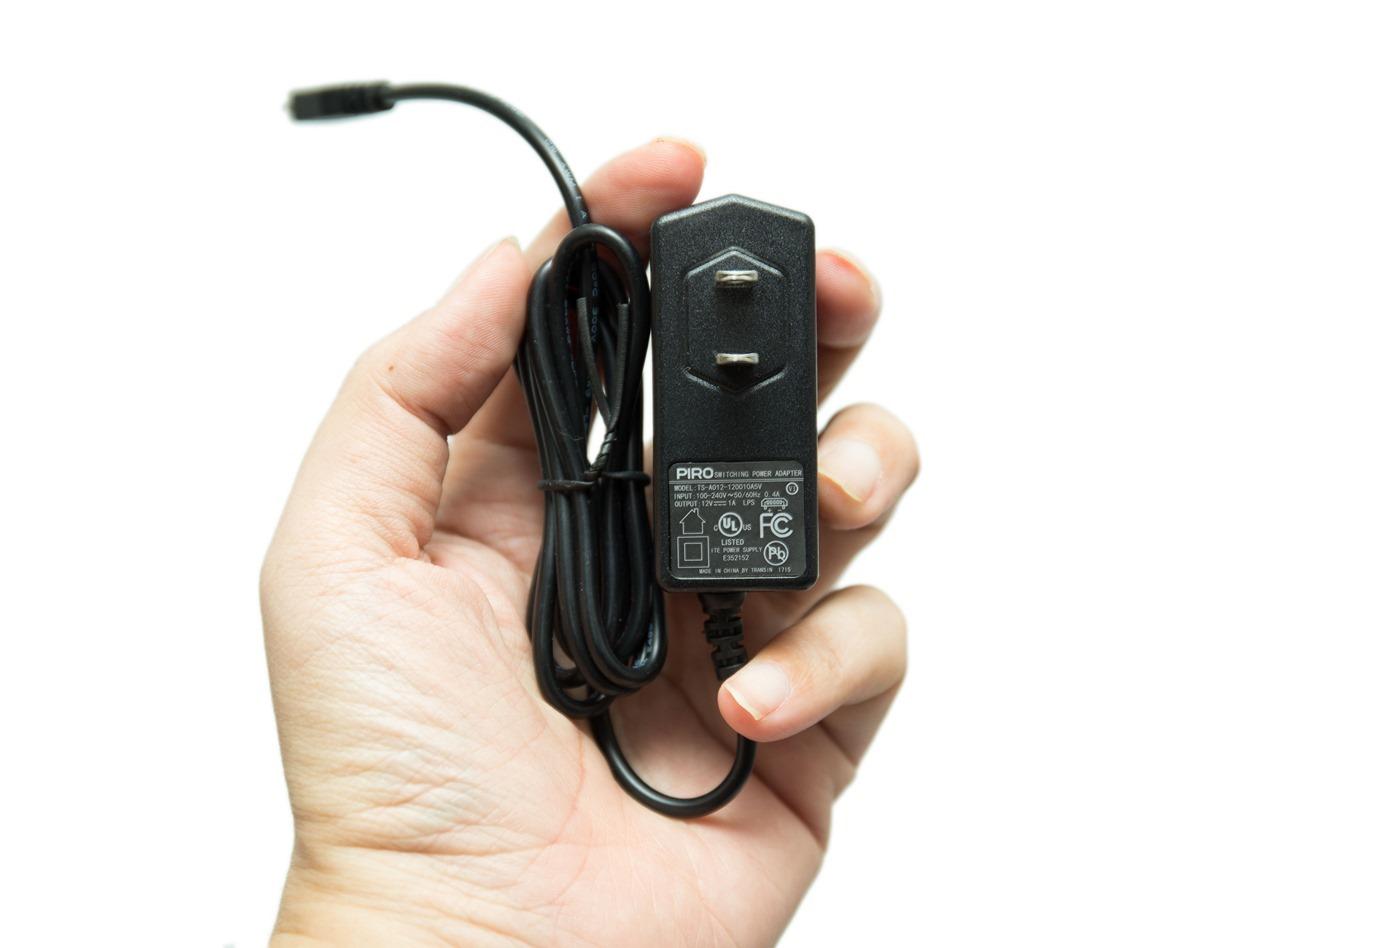 性能強電力強還能臉部追蹤!樂視達 PIRO 三軸臉穩定器開箱分享 @3C 達人廖阿輝